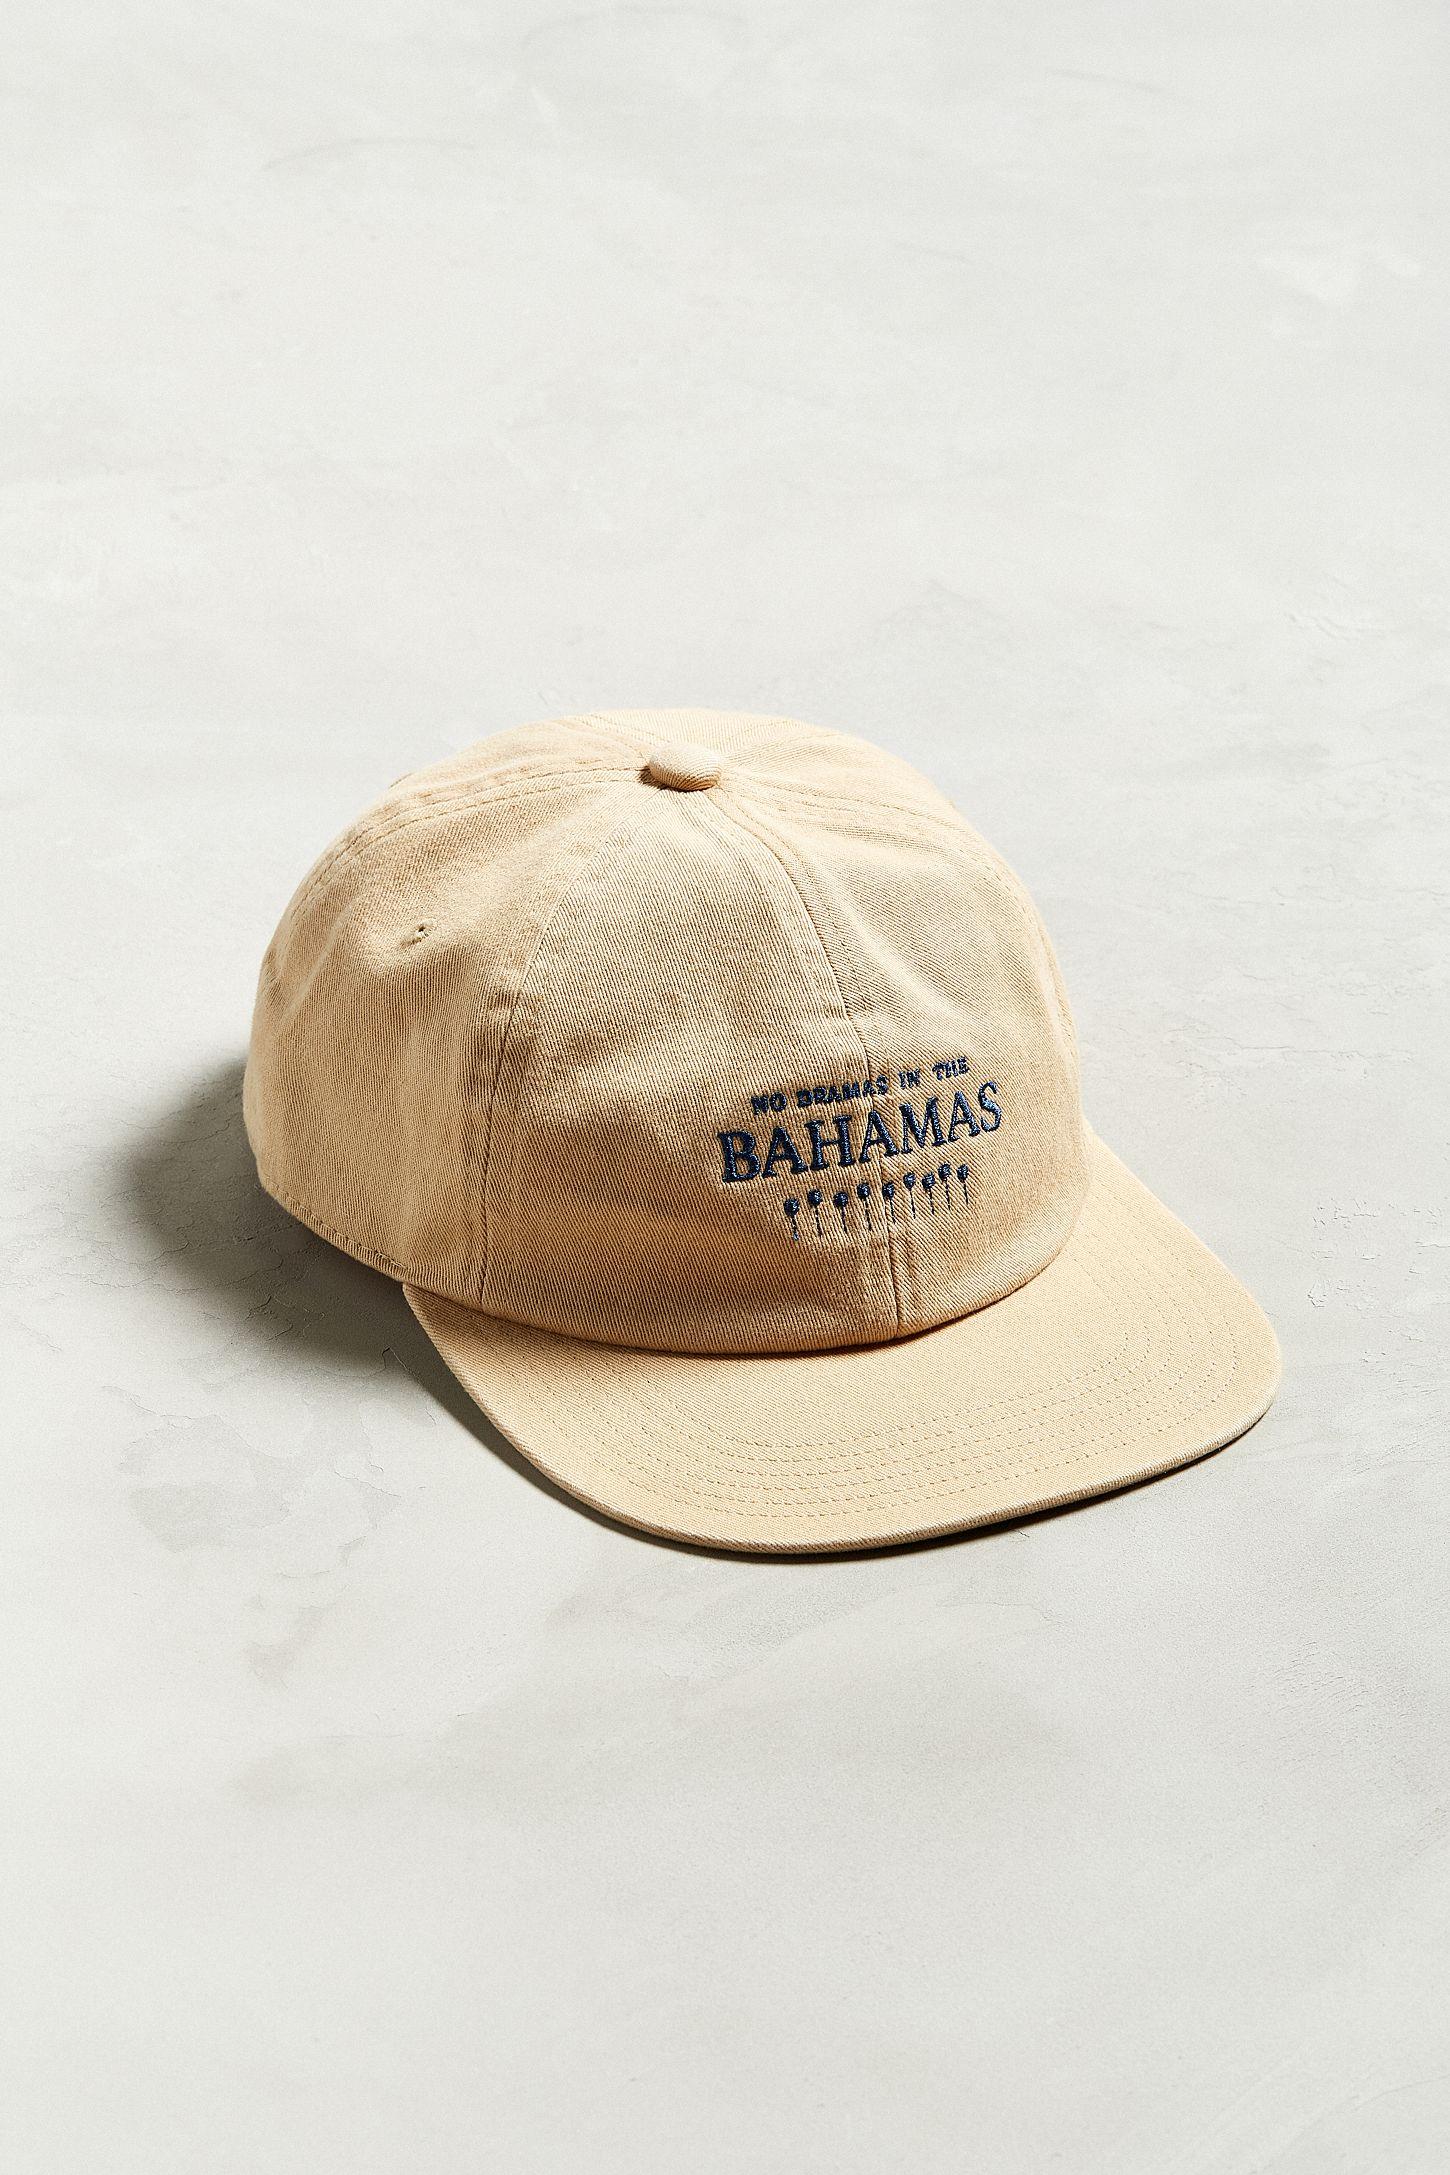 172de032c6c Barney Cools No Drama Shallow Snapback Hat